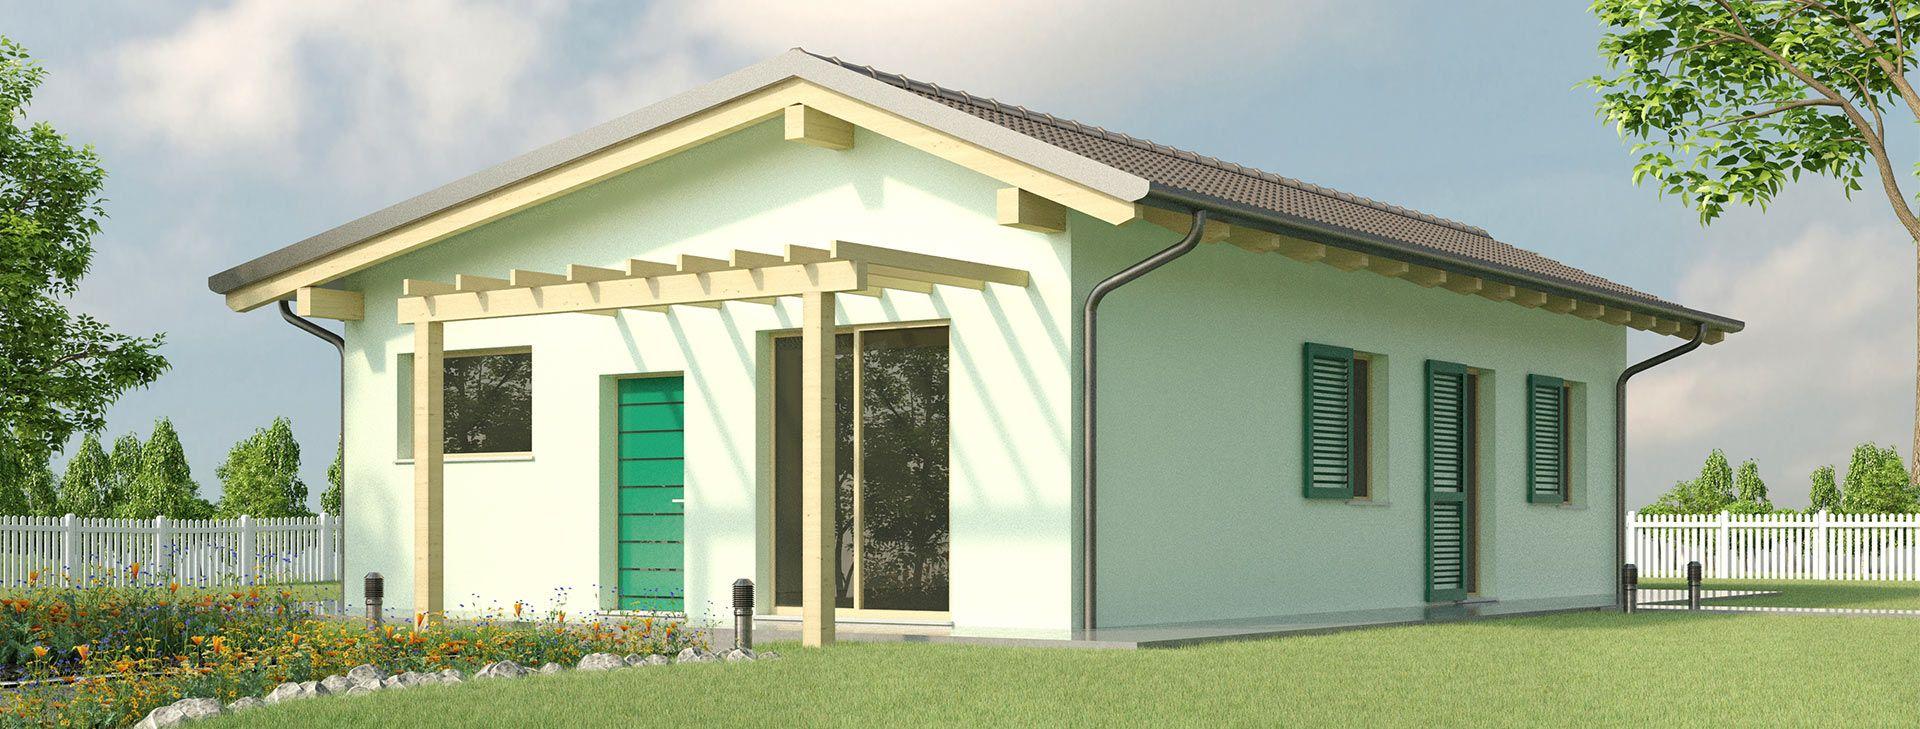 Case prefabbricate in legno - La tua casa parma ...